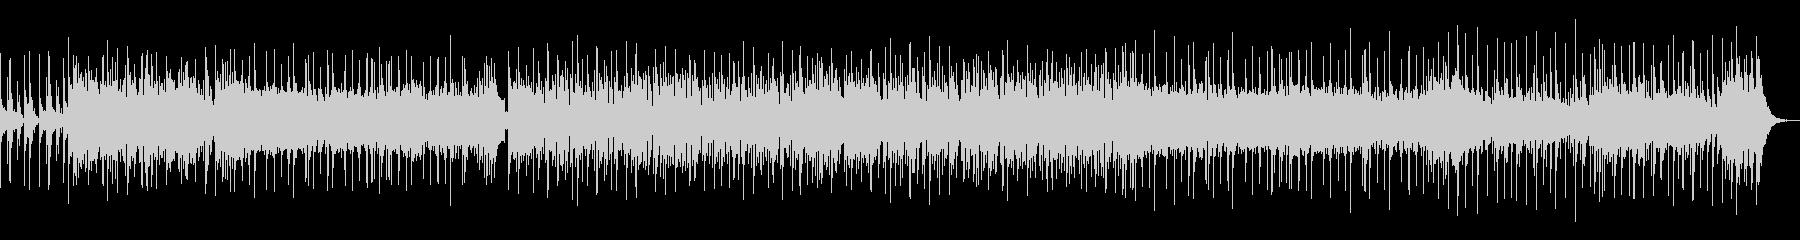 グルーヴ感あふれる軽快なDTMロックの未再生の波形